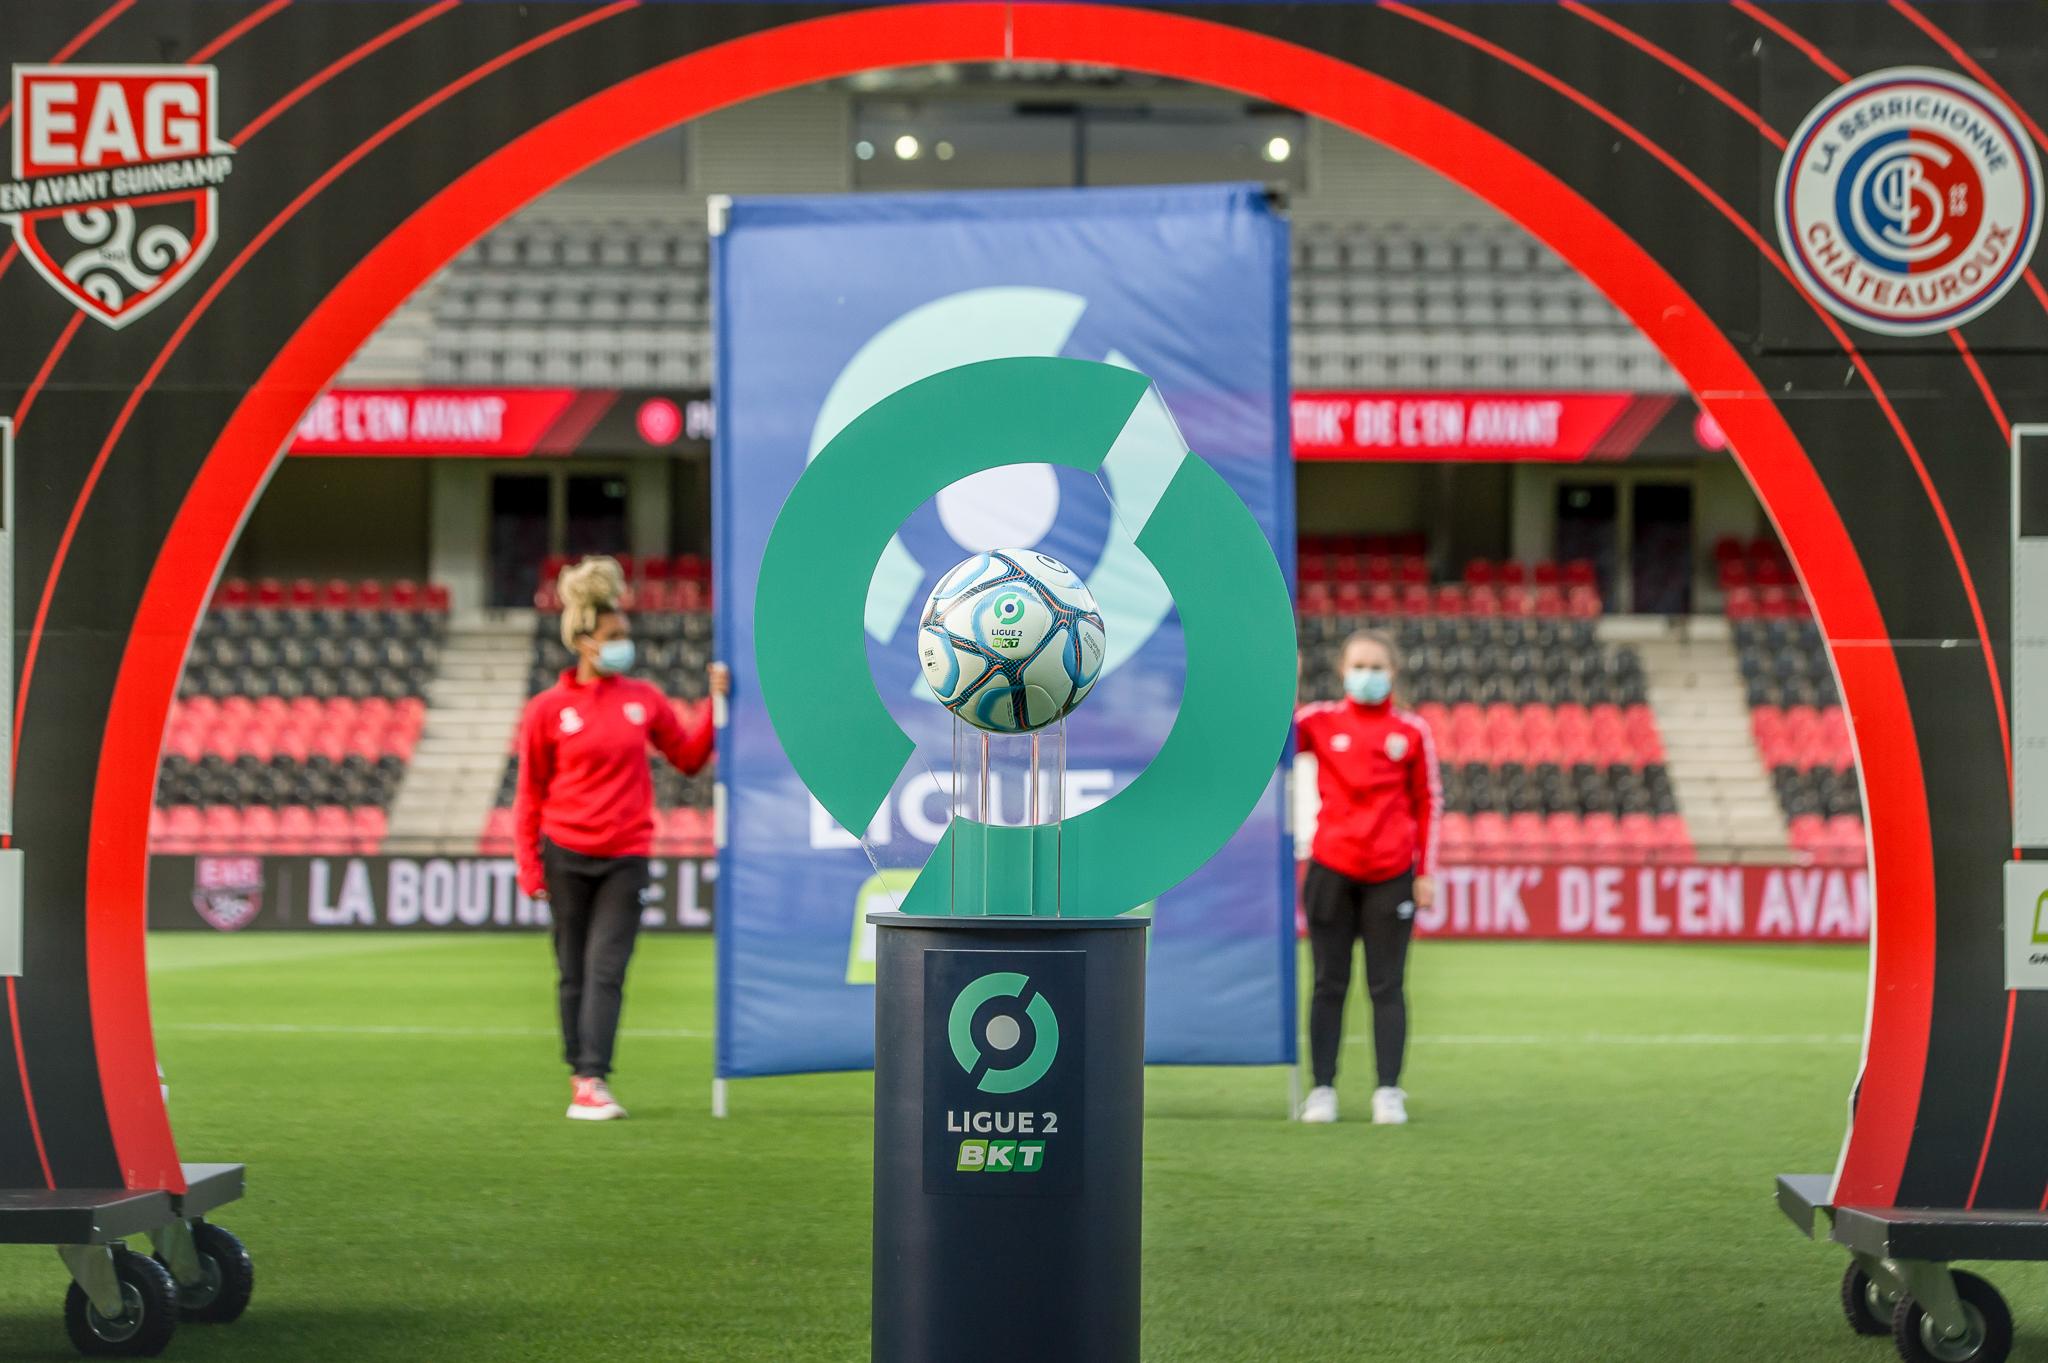 EA Guingamp La Berrichonne Châteauroux J37 Ligue 2 BKT EAGLBC 2-0 Stade de Roudourou FRA_5375